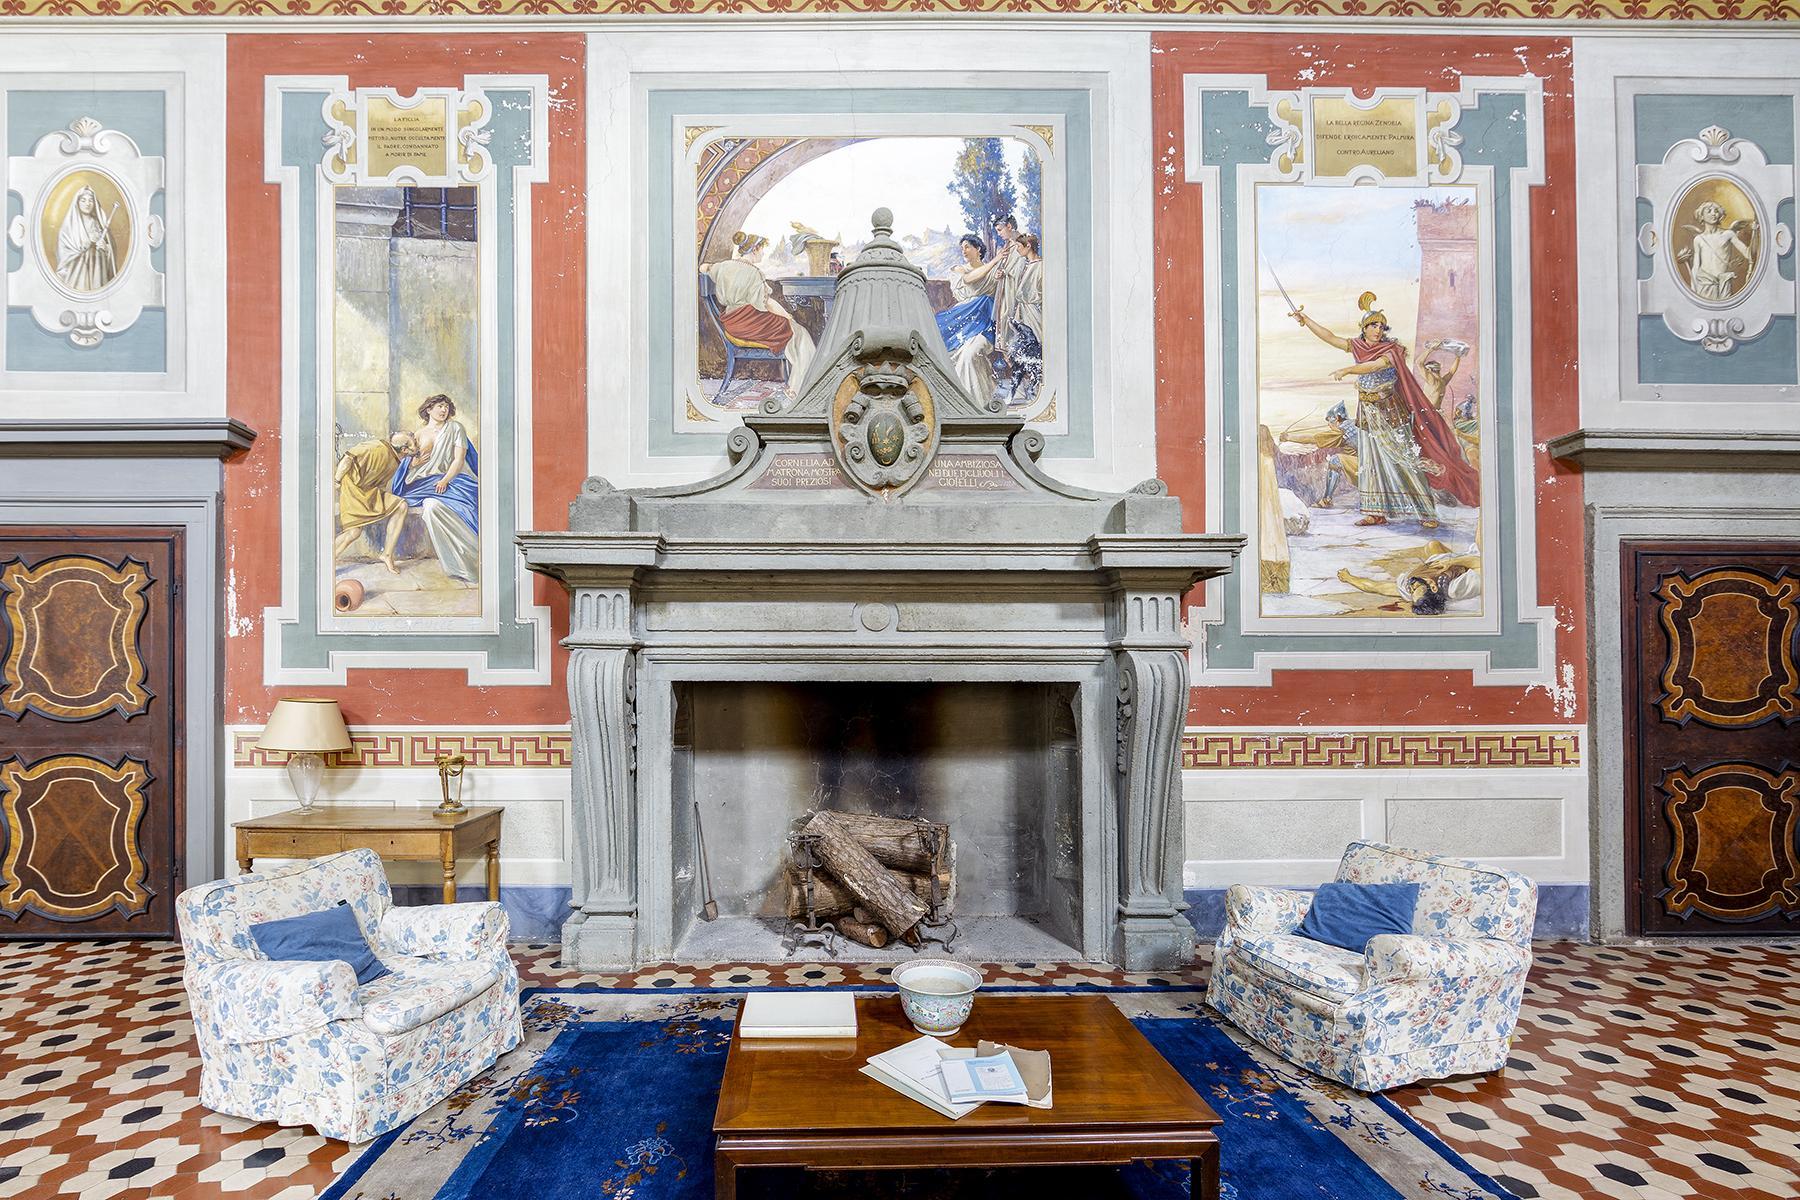 Glorious Renaissance Palace - 10